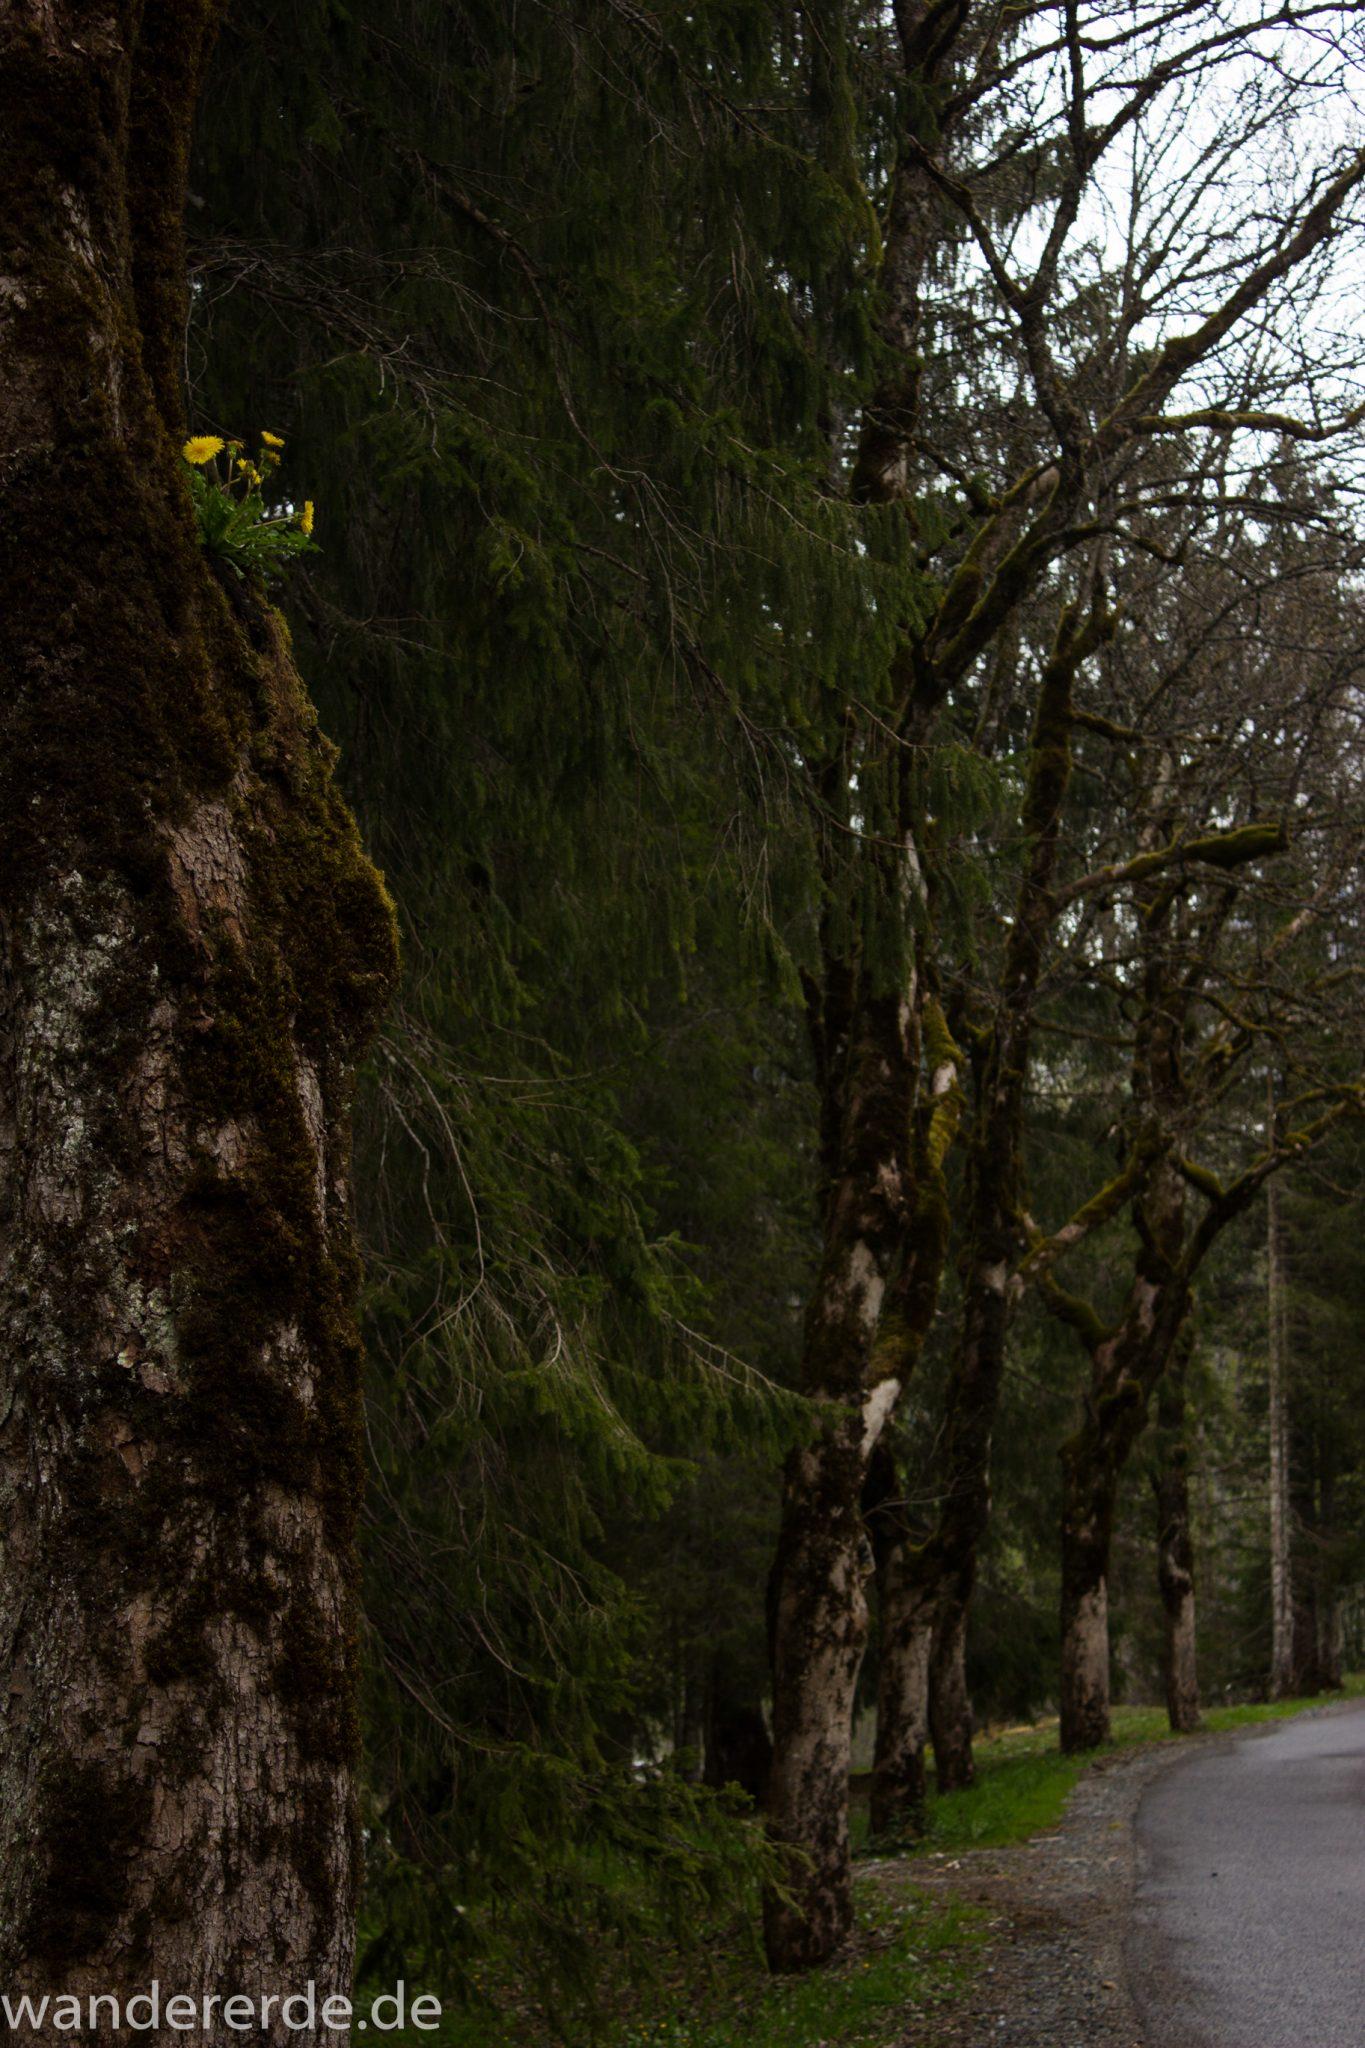 Wanderung im Oytal bei Oberstdorf im Allgäu, Bayern, schöner dichter und grüner Wald  im Oytal, Wanderweg leider Asphalt, aber die Umgebung entschädigt, sehr schöne Atmosphäre